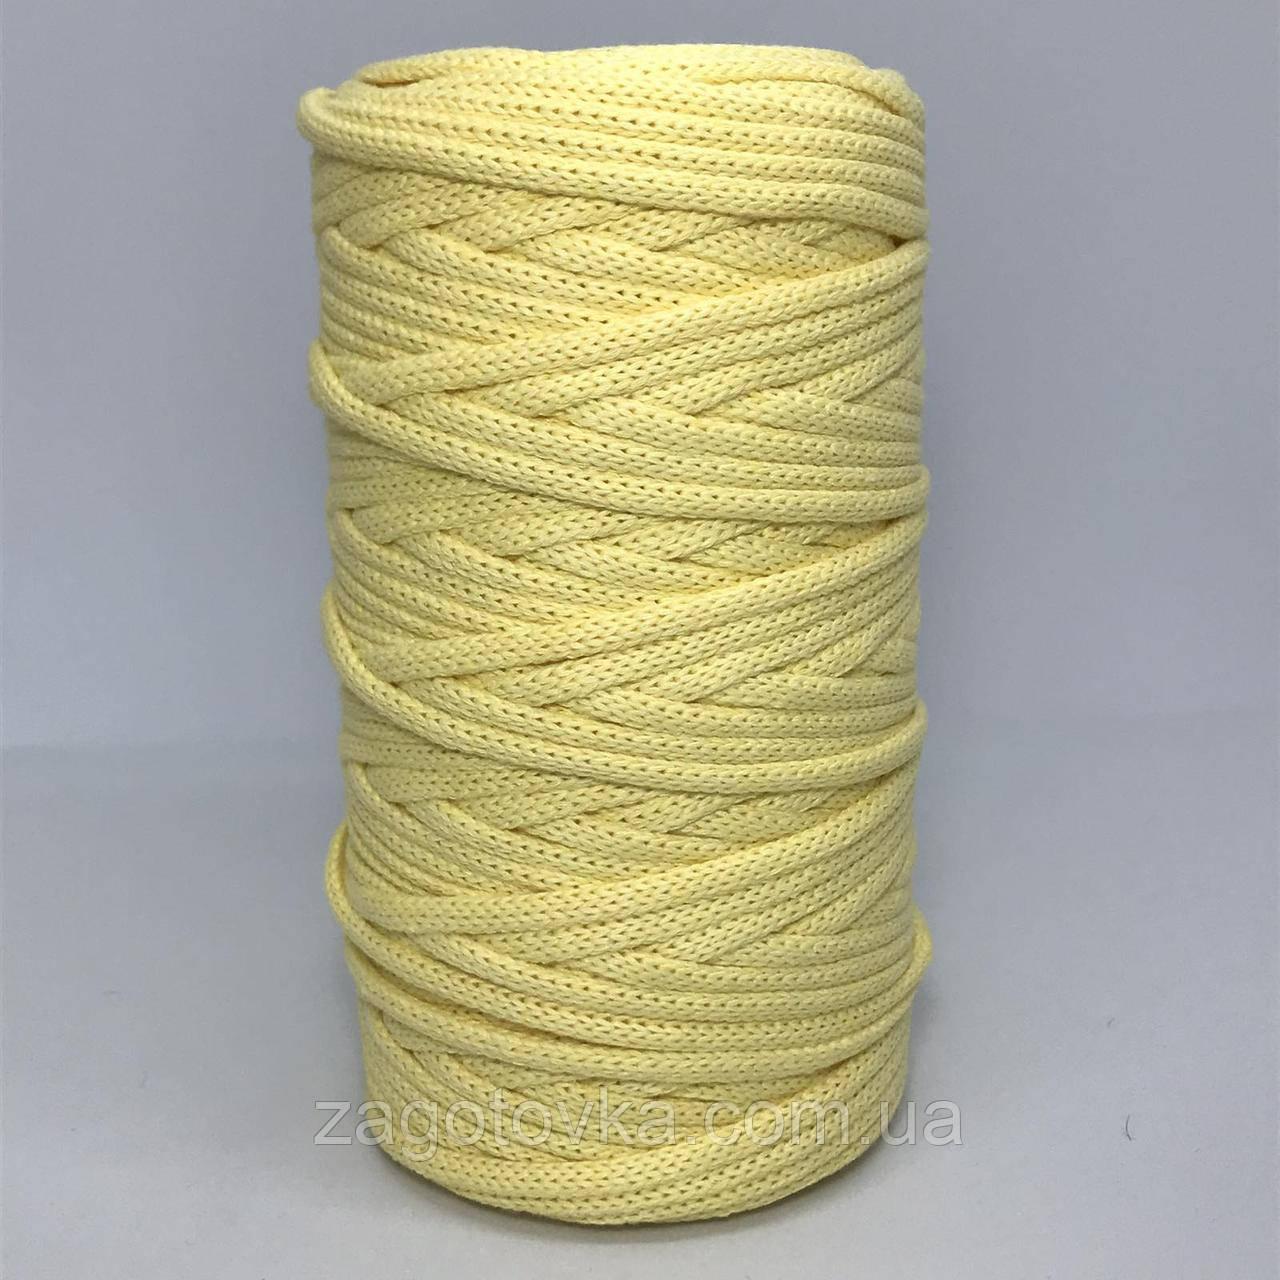 Шнур преміум коттон 5мм Блідо-жовтий